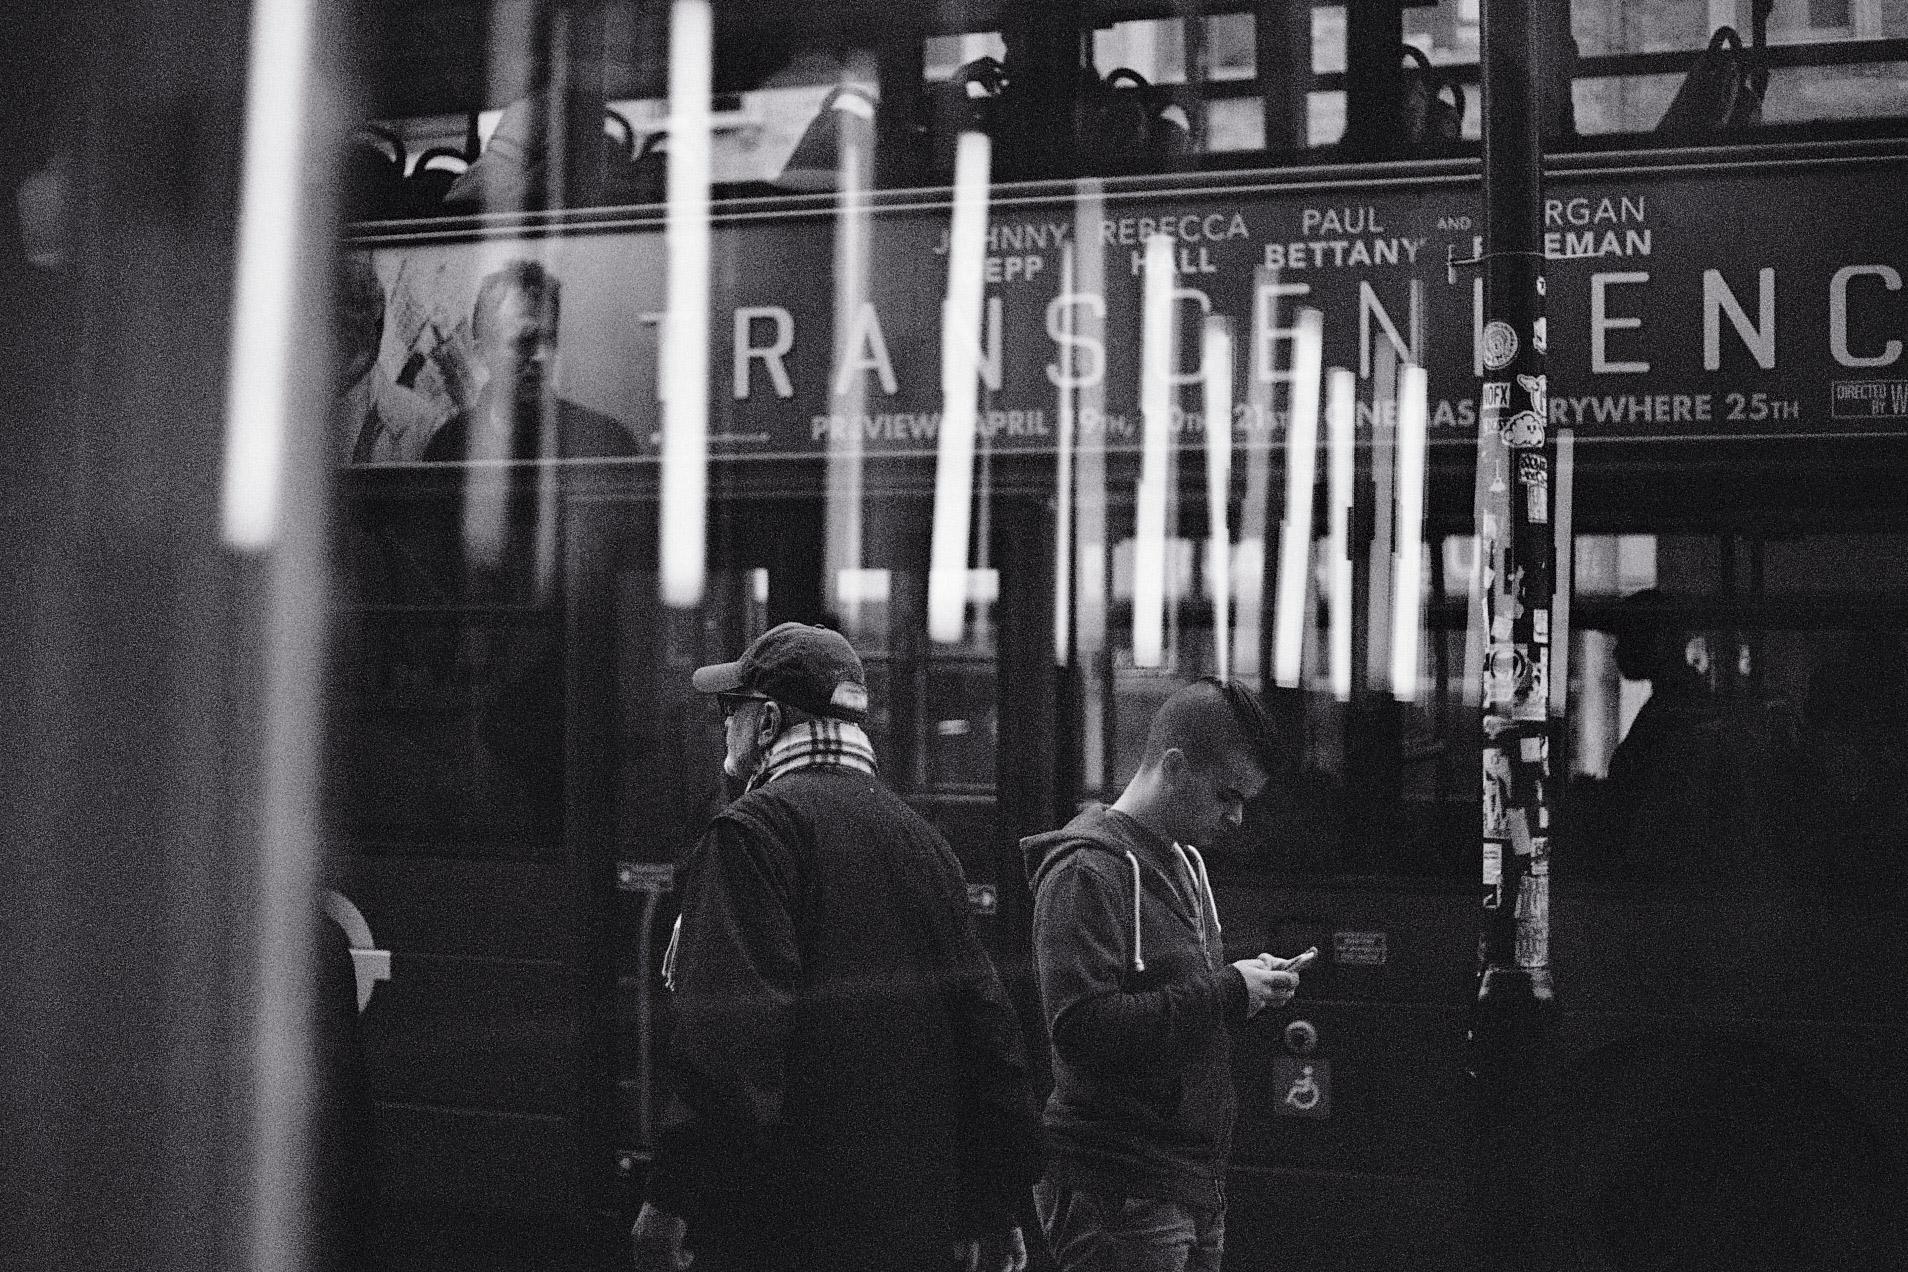 02_ILFORDXP2_LONDRES_EOS1N_copyright_ThomasApp.jpg